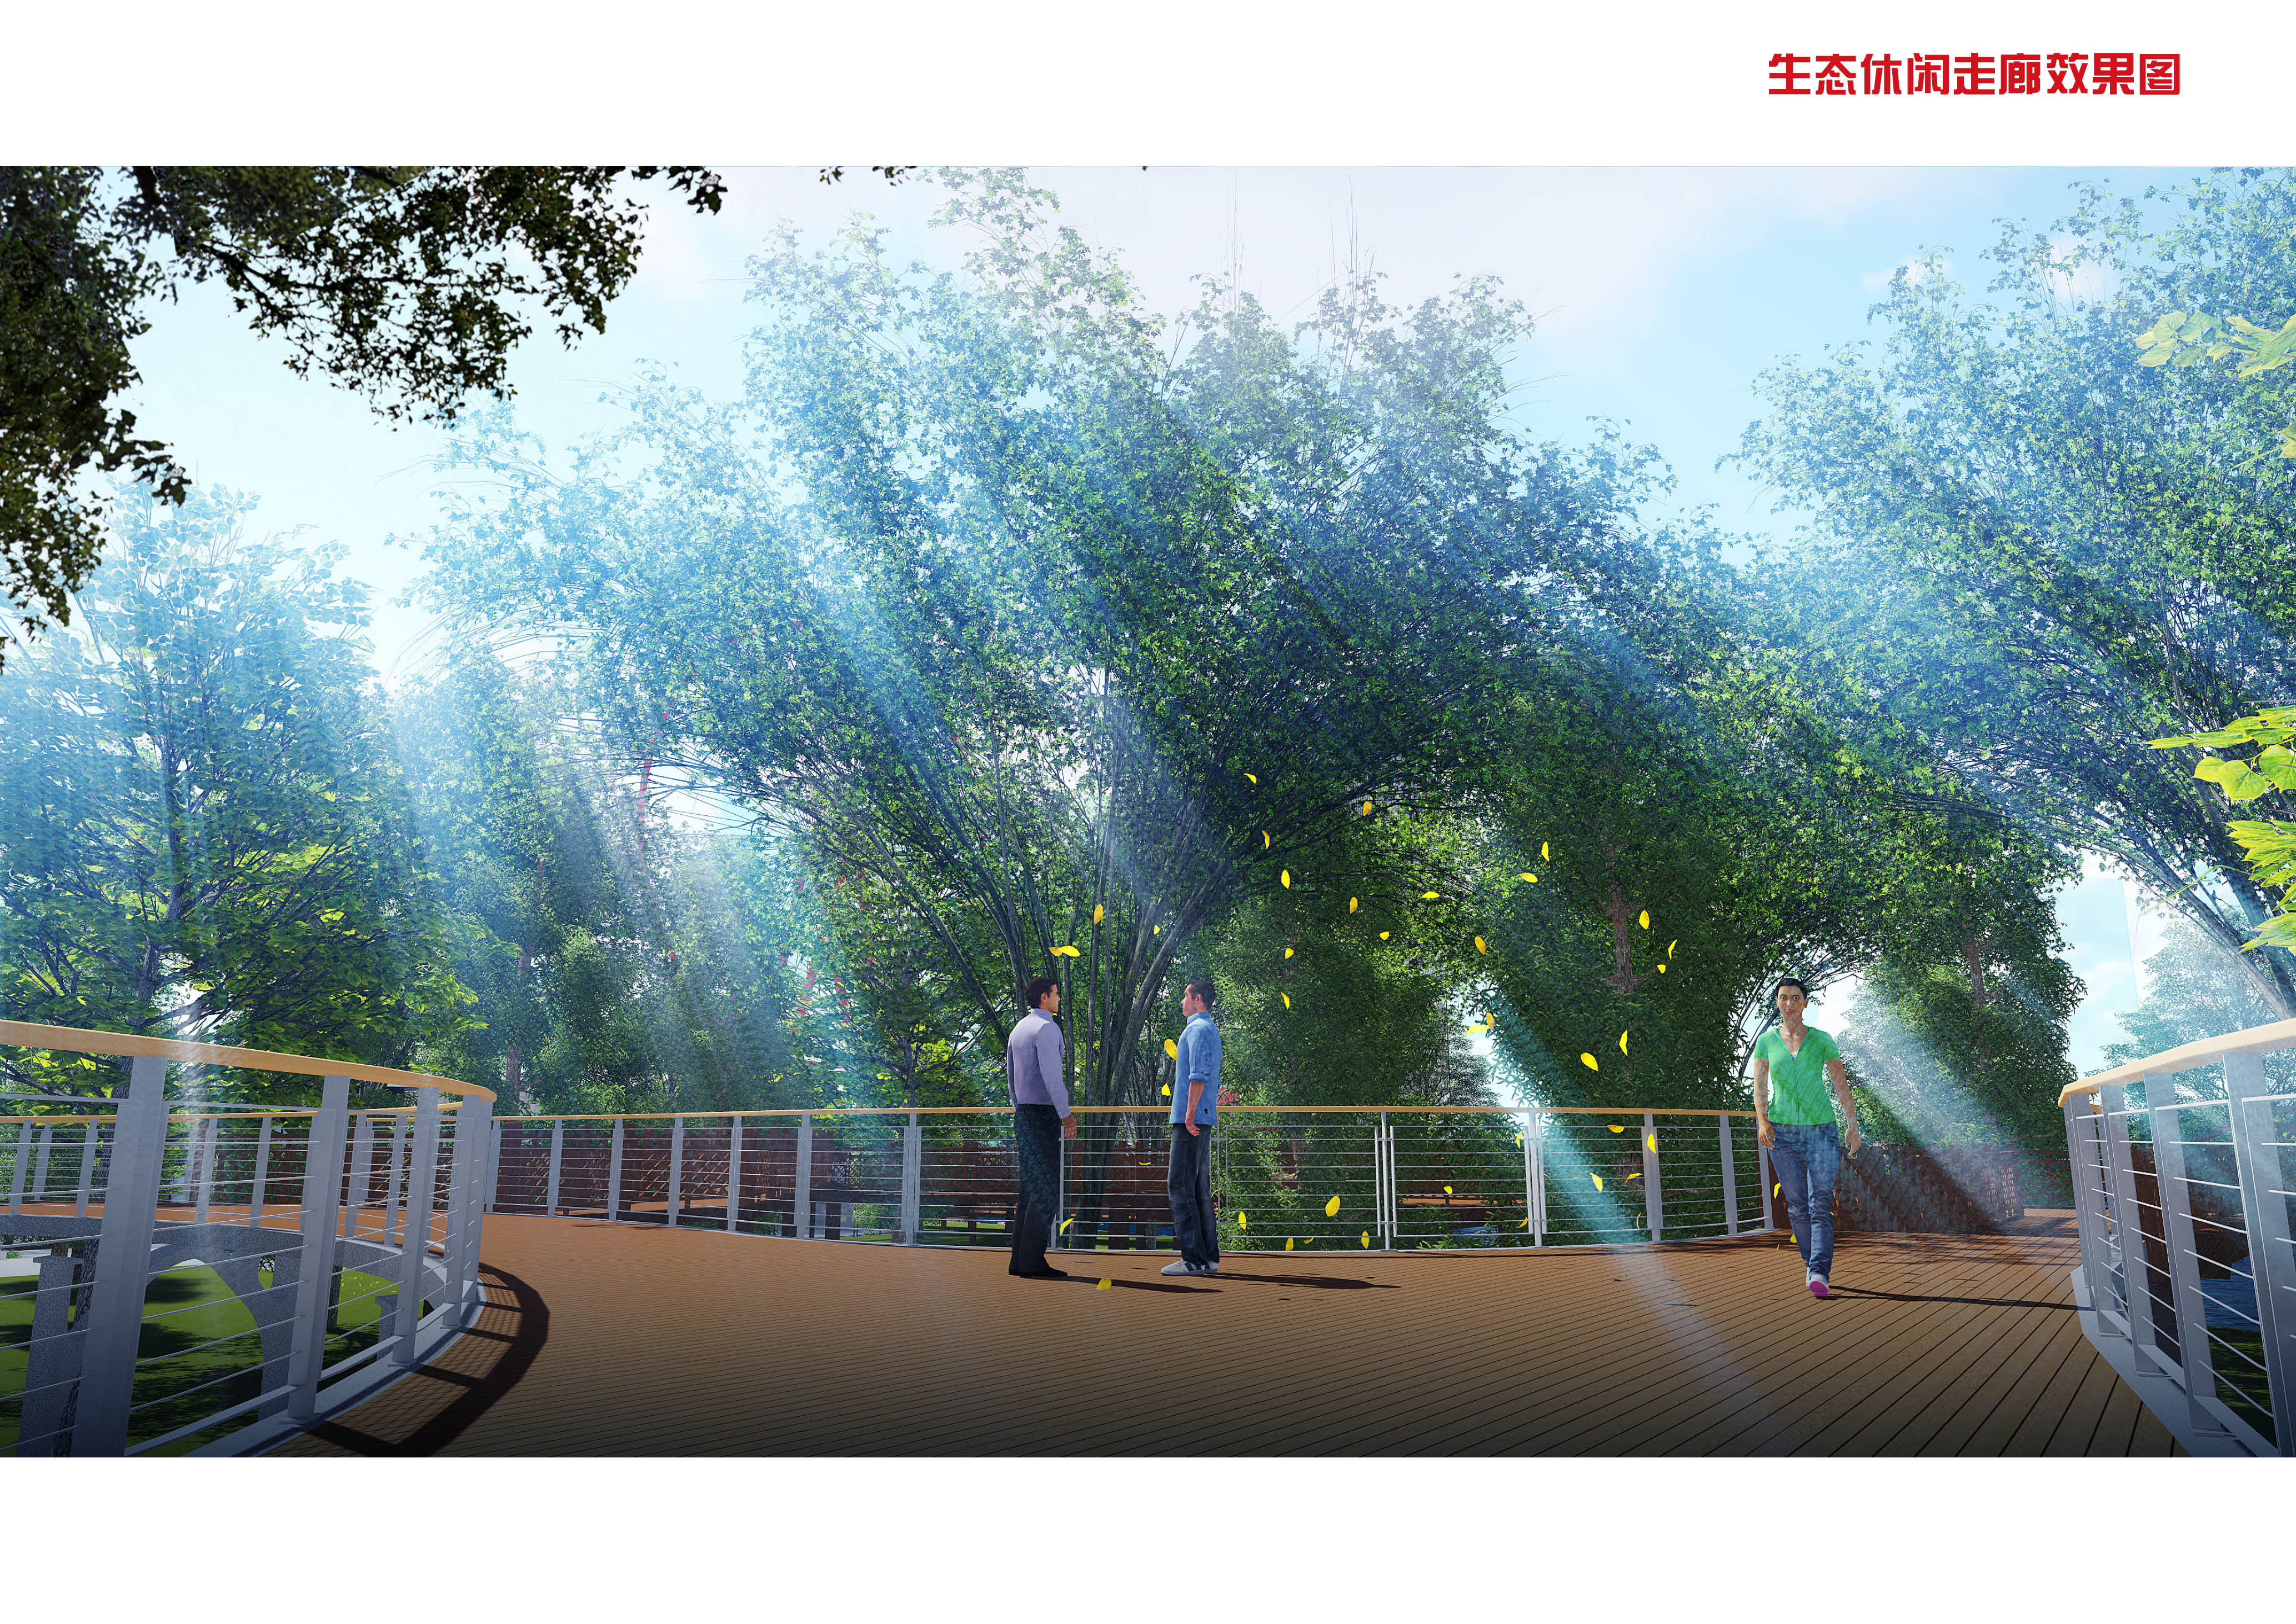 洋口港开发区海洋主题公园-洋口港开发区海洋主题公园景观设计73